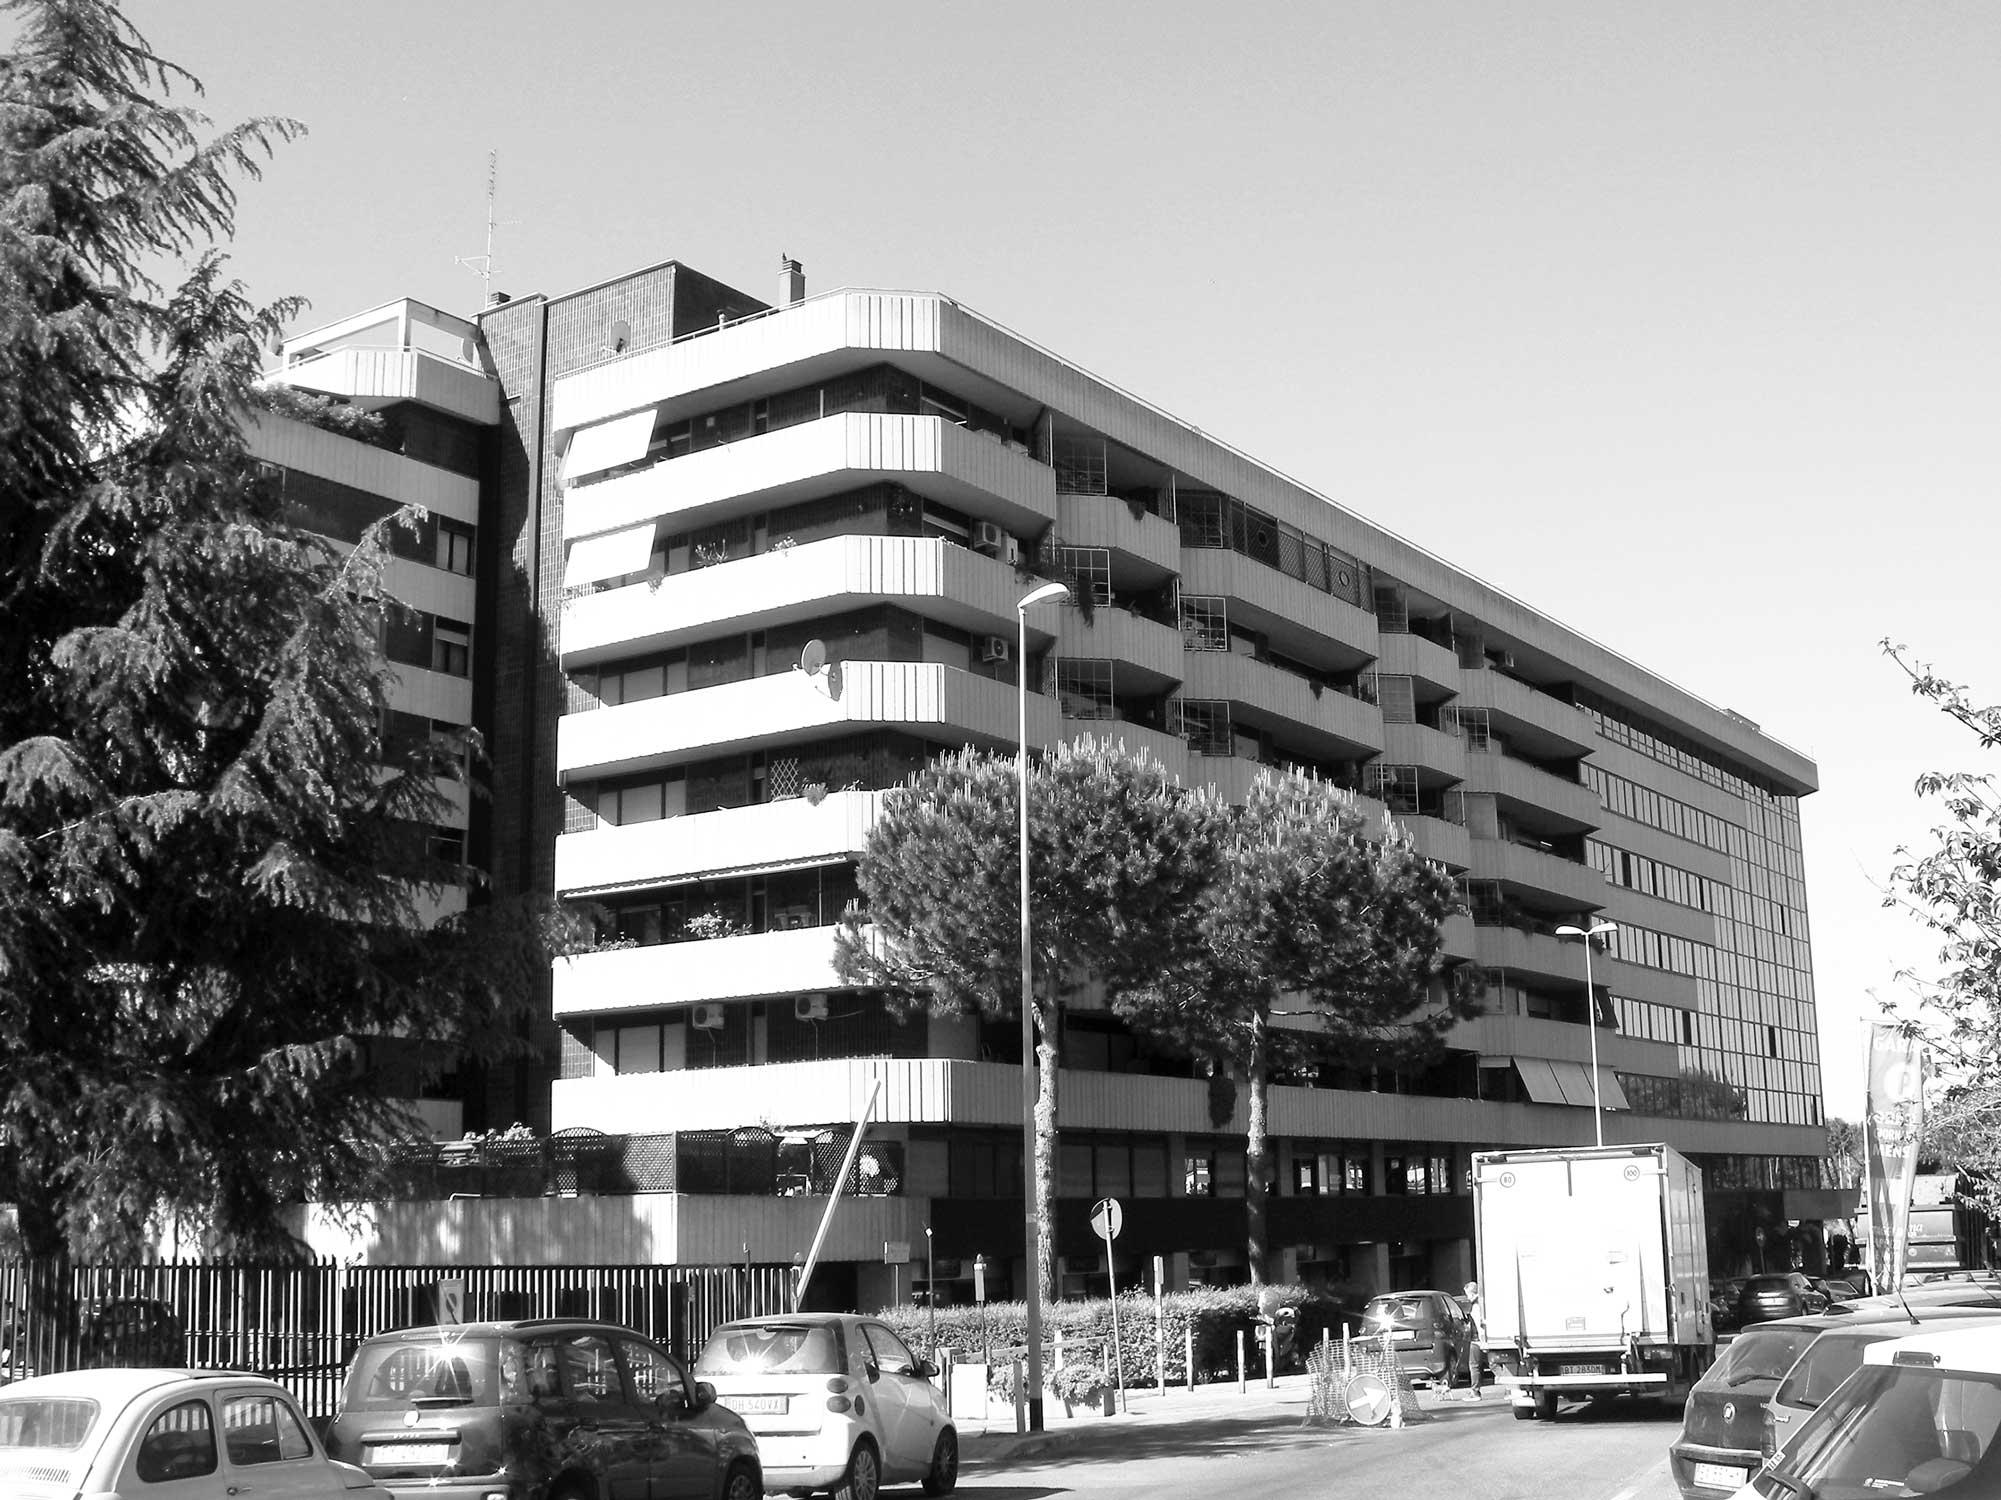 1 - Piano Urbanistico di Esecuzione del Comprensorio Zona D in via Benedetto Croce, Roma; con Studio LDB - Vista esterna del complesso per uffici, abitazioni e negozi